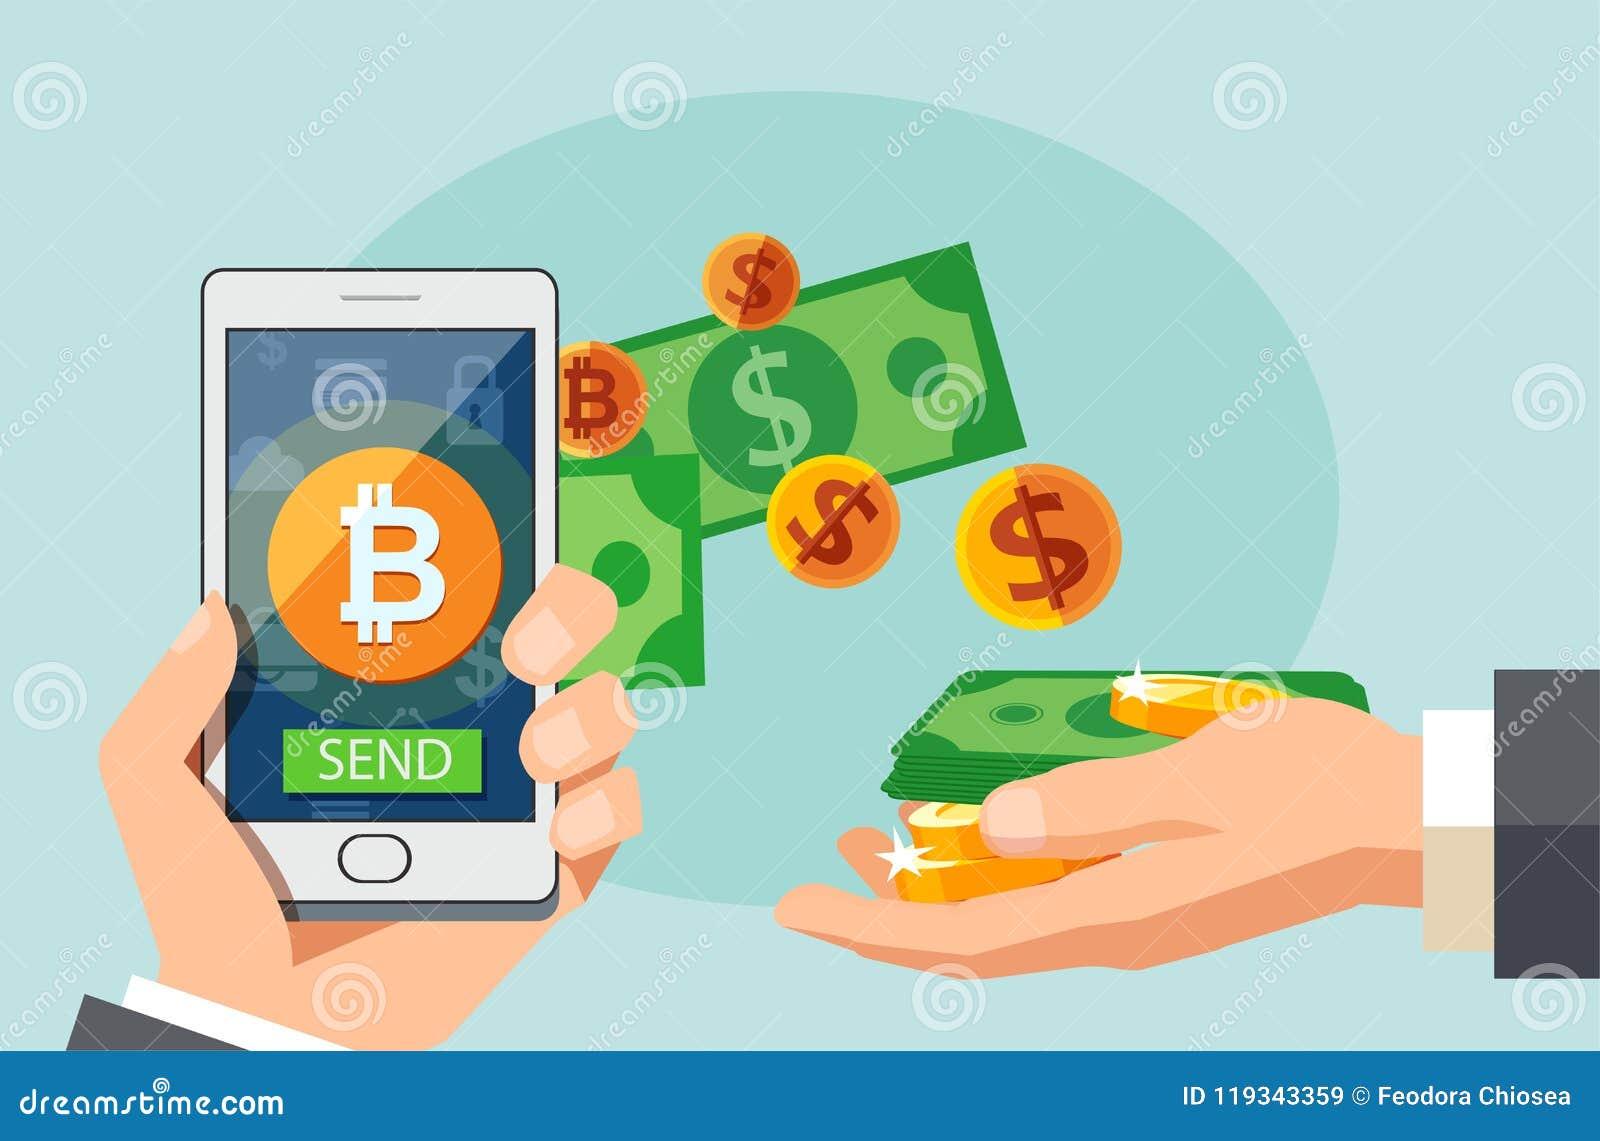 Concepto de diseño moderno plano de la tecnología del cryptocurrency, intercambio del bitcoin, actividades bancarias móviles Mano